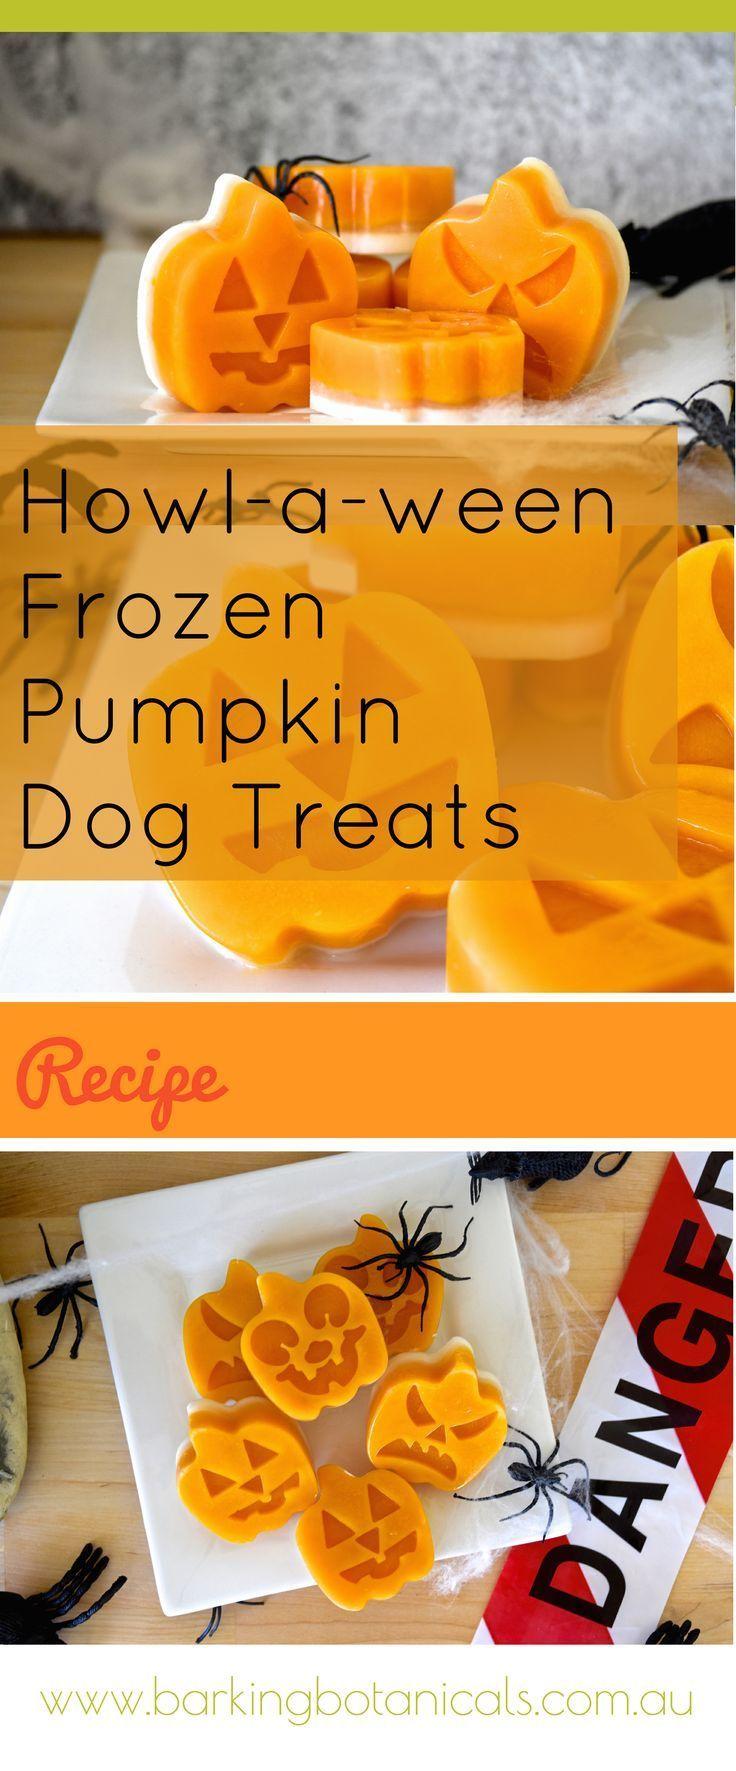 Howlaween Frozen Pumpkin Dog Treats Dog biscuit